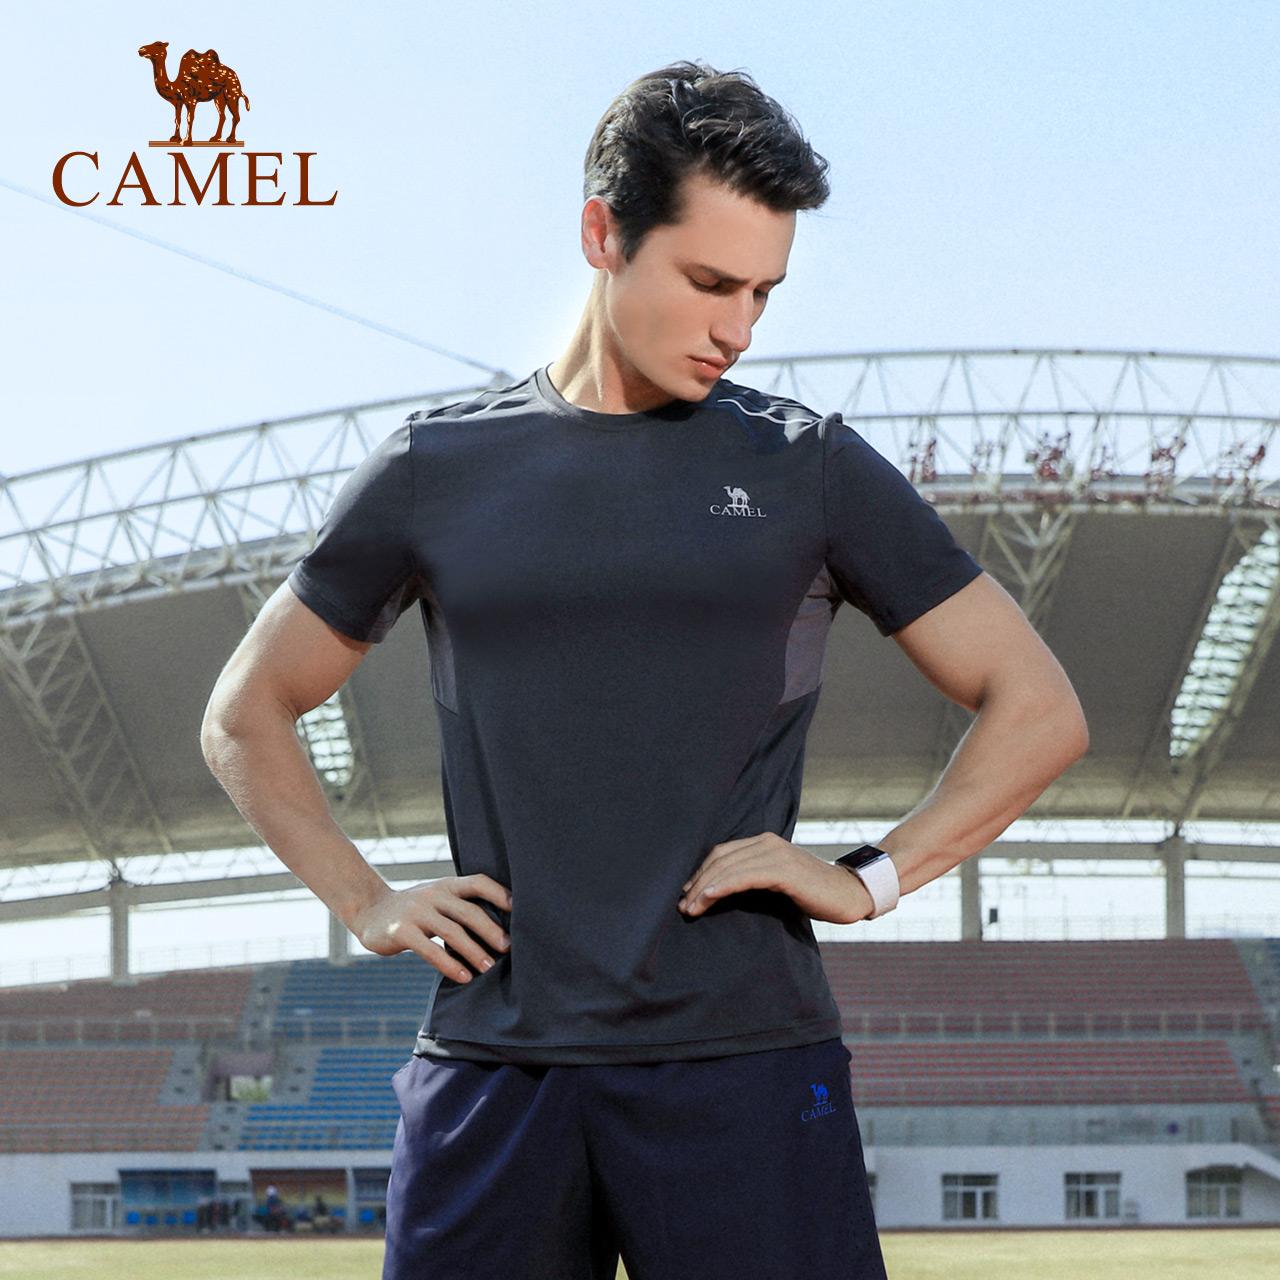 骆驼户外运动T恤 男款舒适透气柔弹速干排汗跑步健身干爽圆领上衣